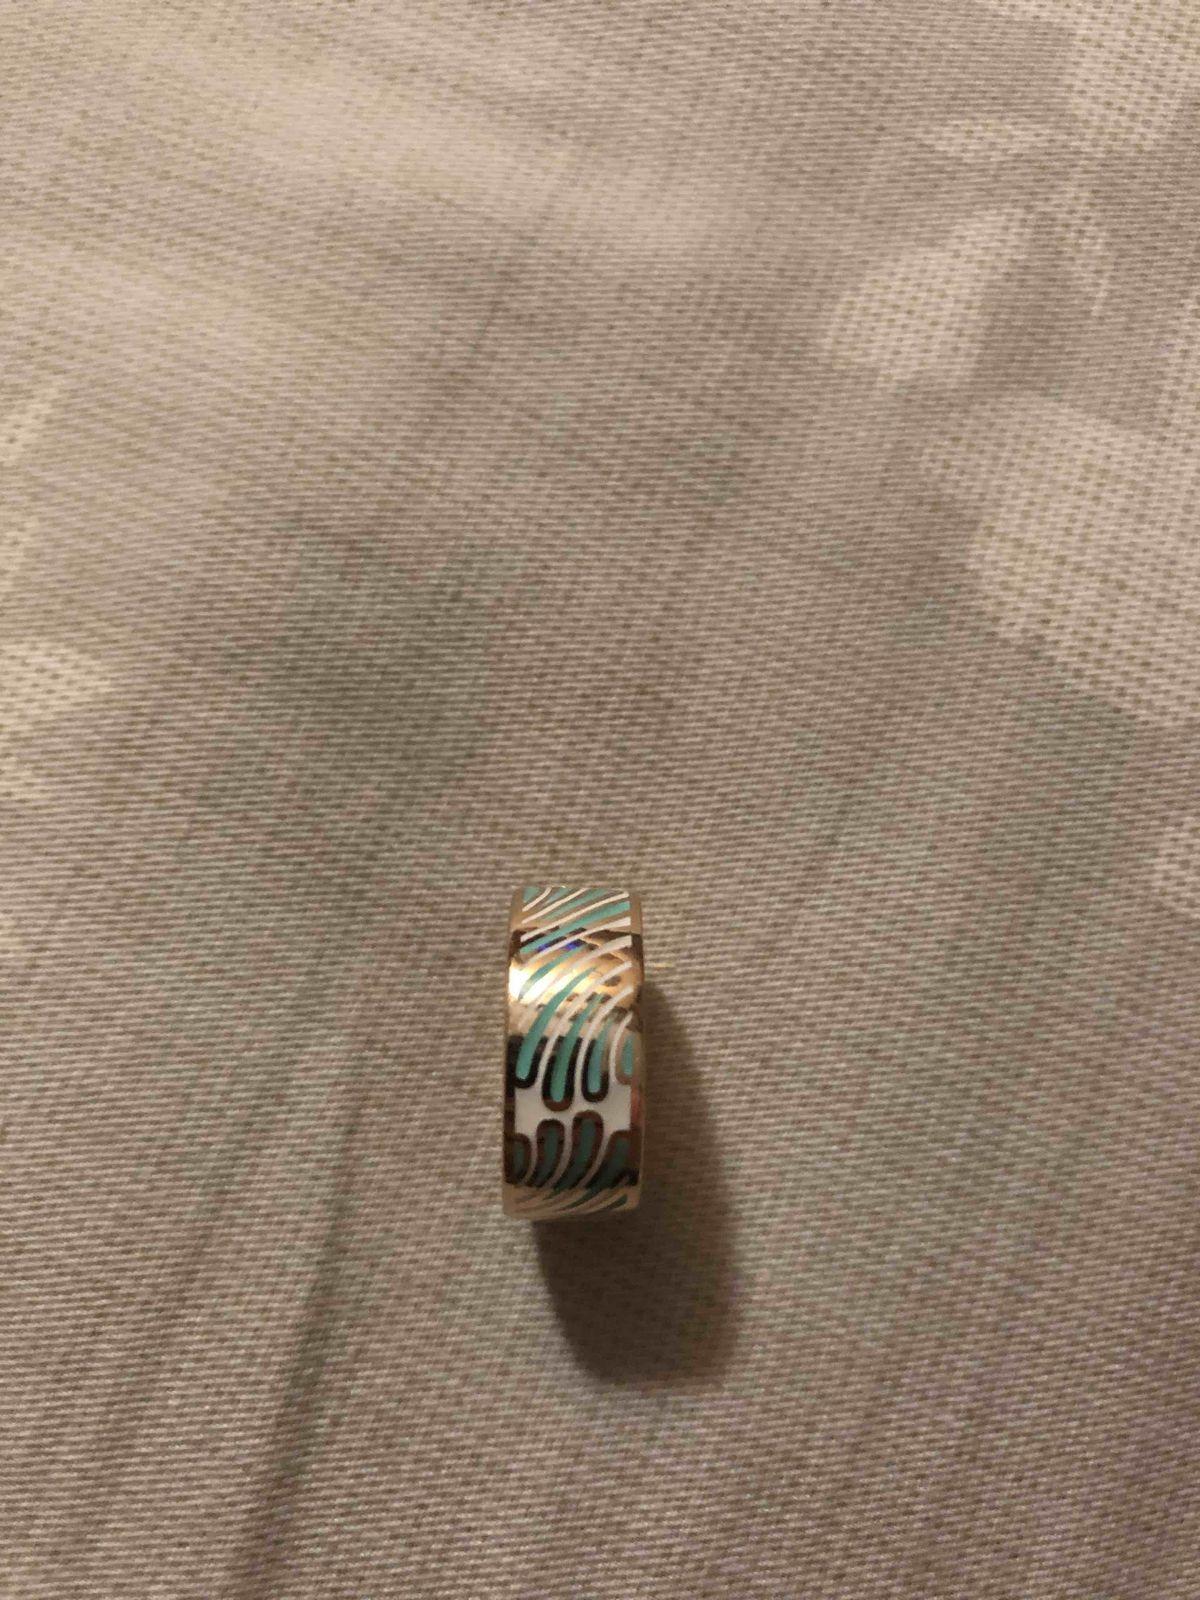 Прекрасное кольцо с эмалью!